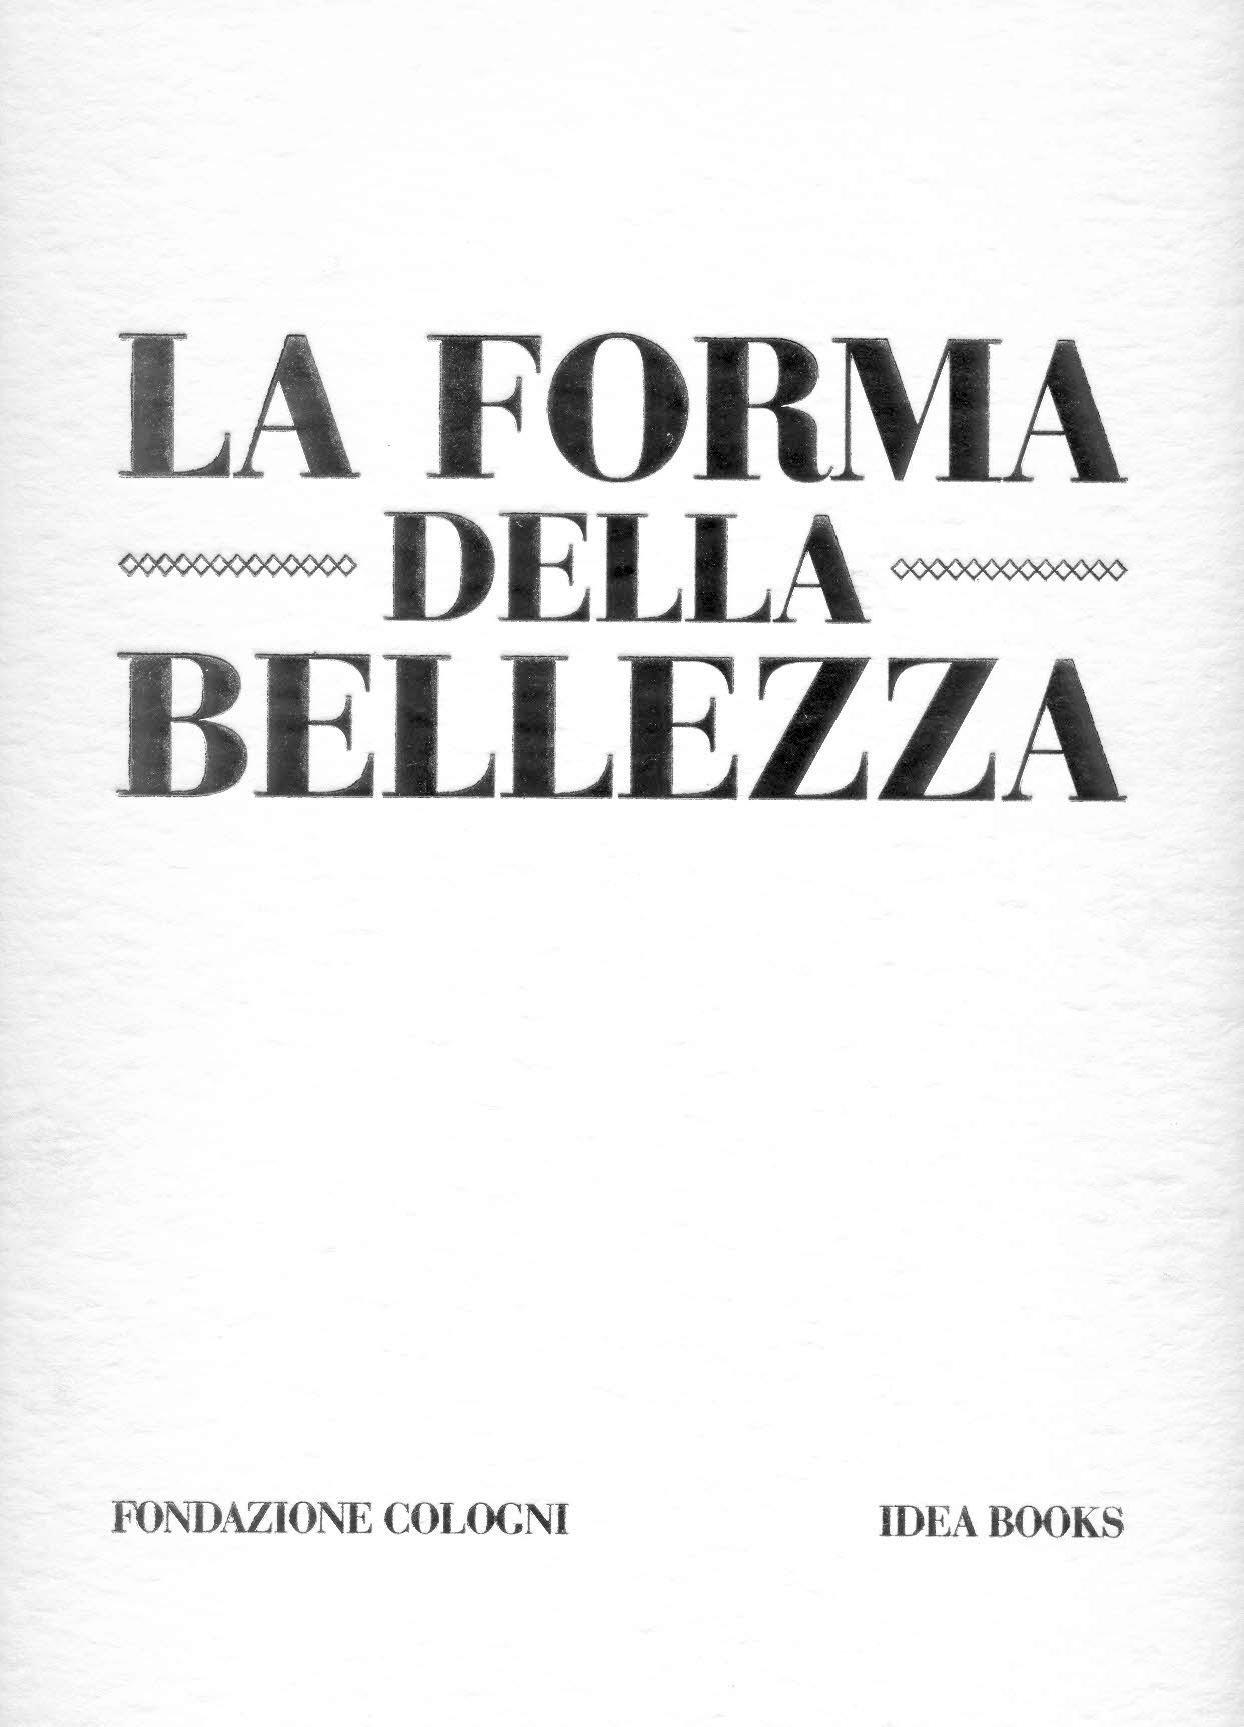 LA FORMA DELLA BELLEZZA-page-001